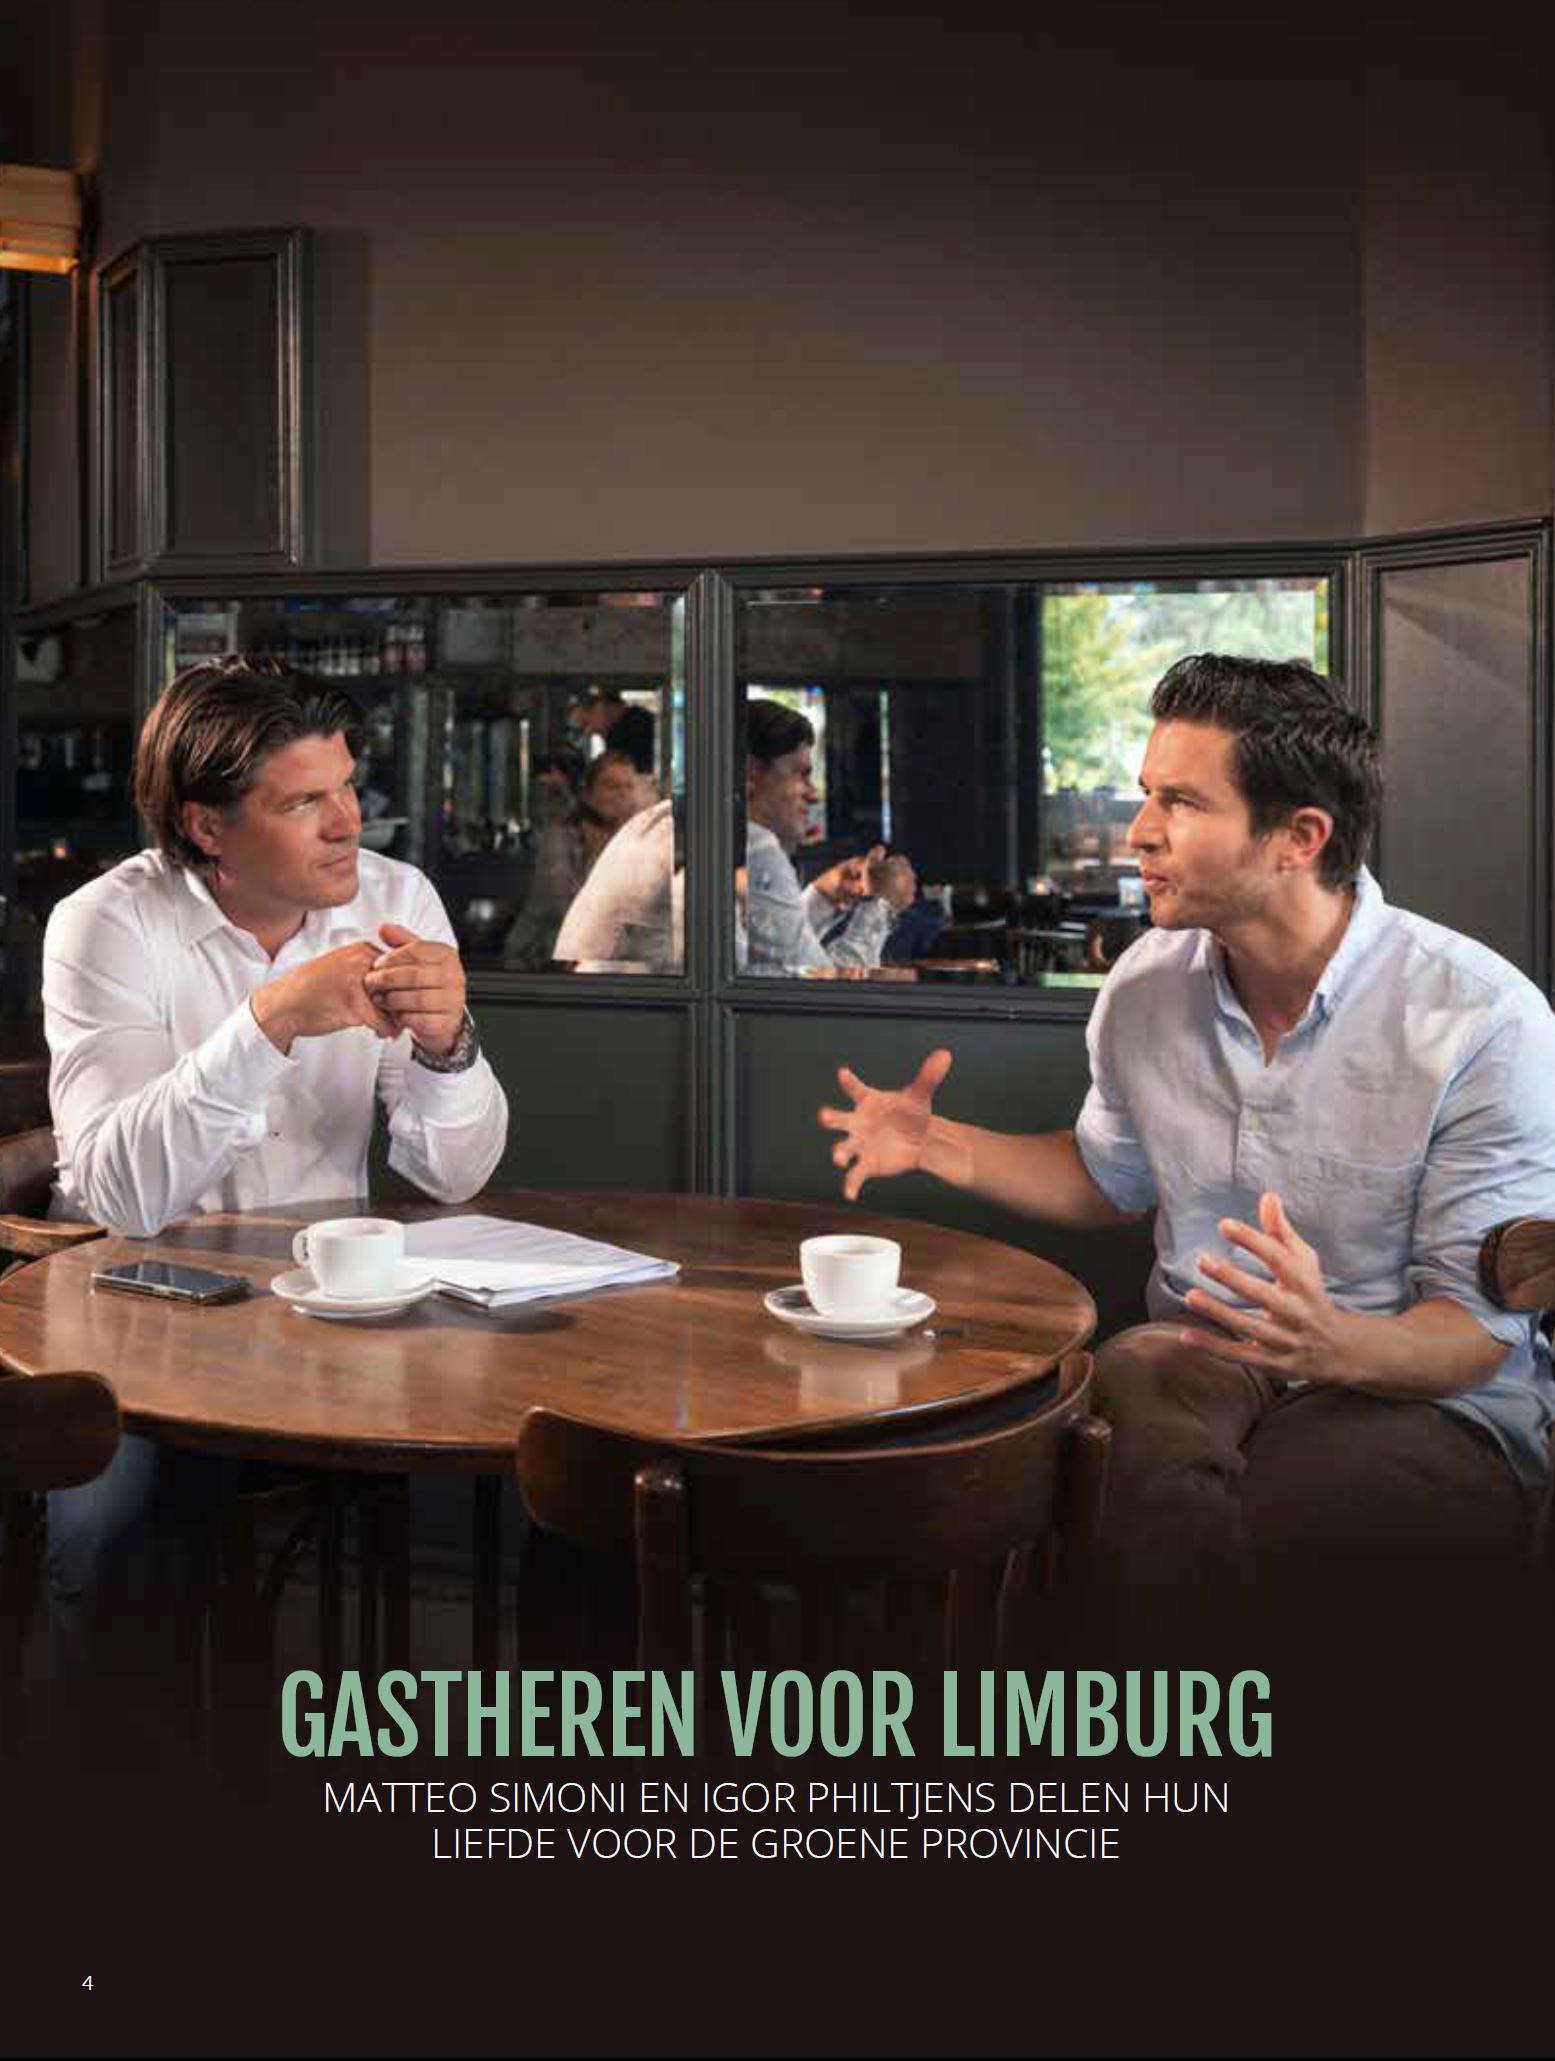 Gastheren voor Limburg